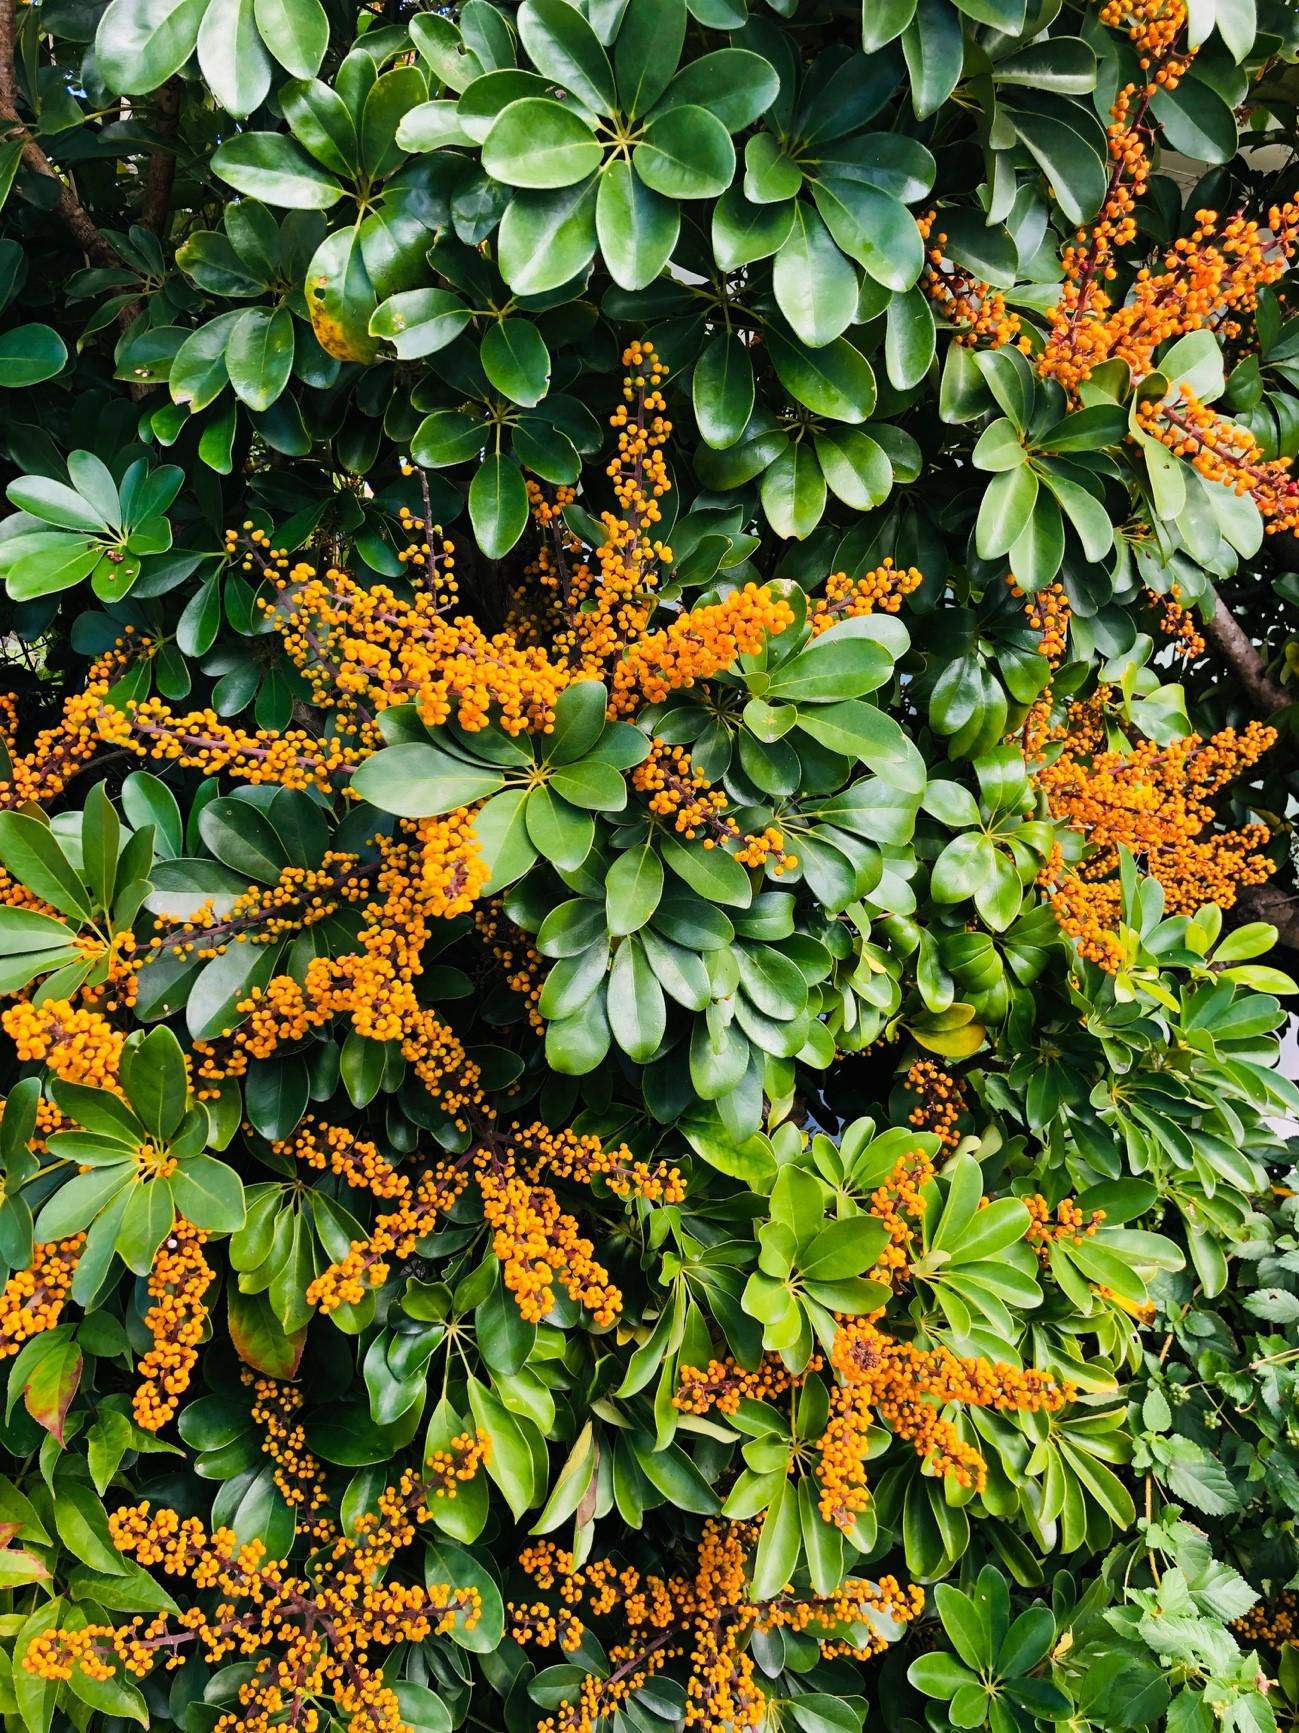 港川ステイツサイドタウンにある植物